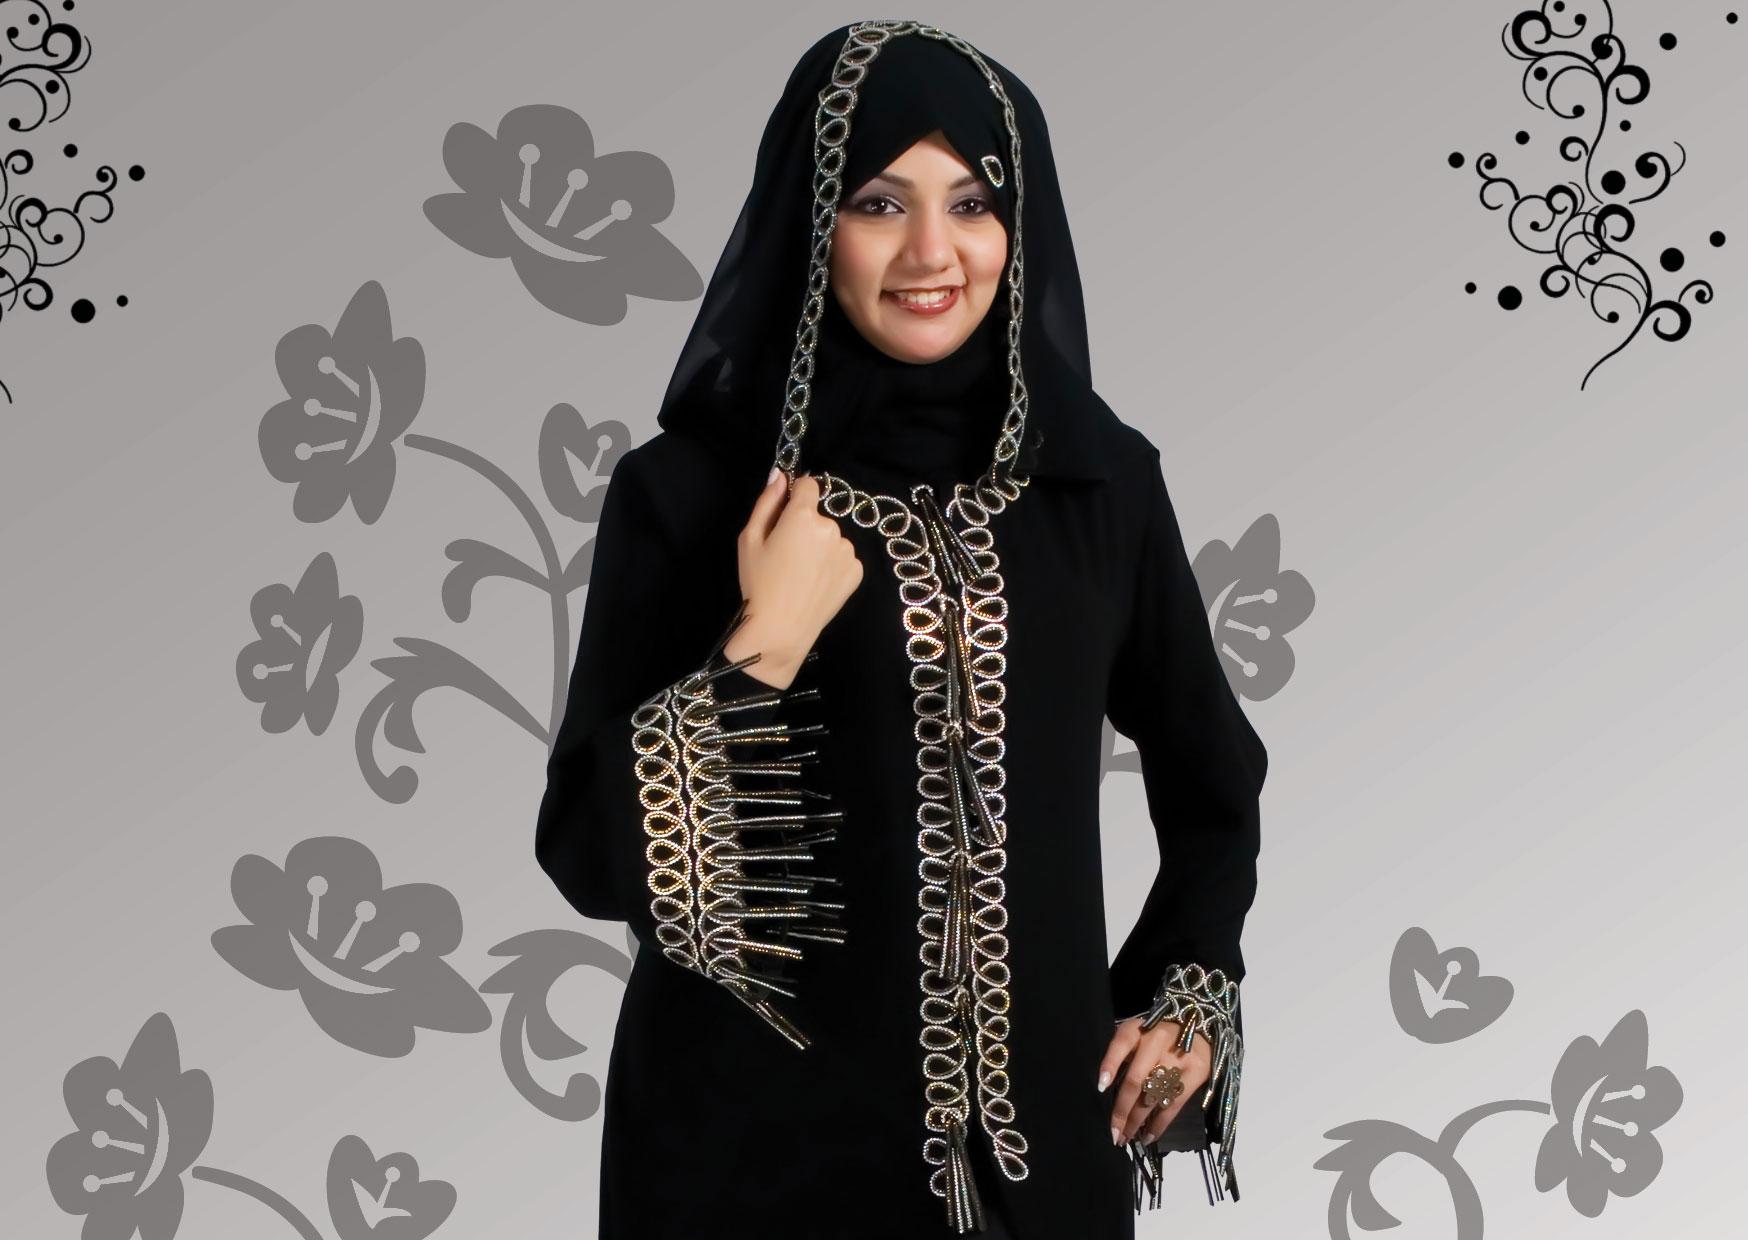 بالصور عبايات صور عبايات جديدة عبايات عربية girls top.net 1371055881 308